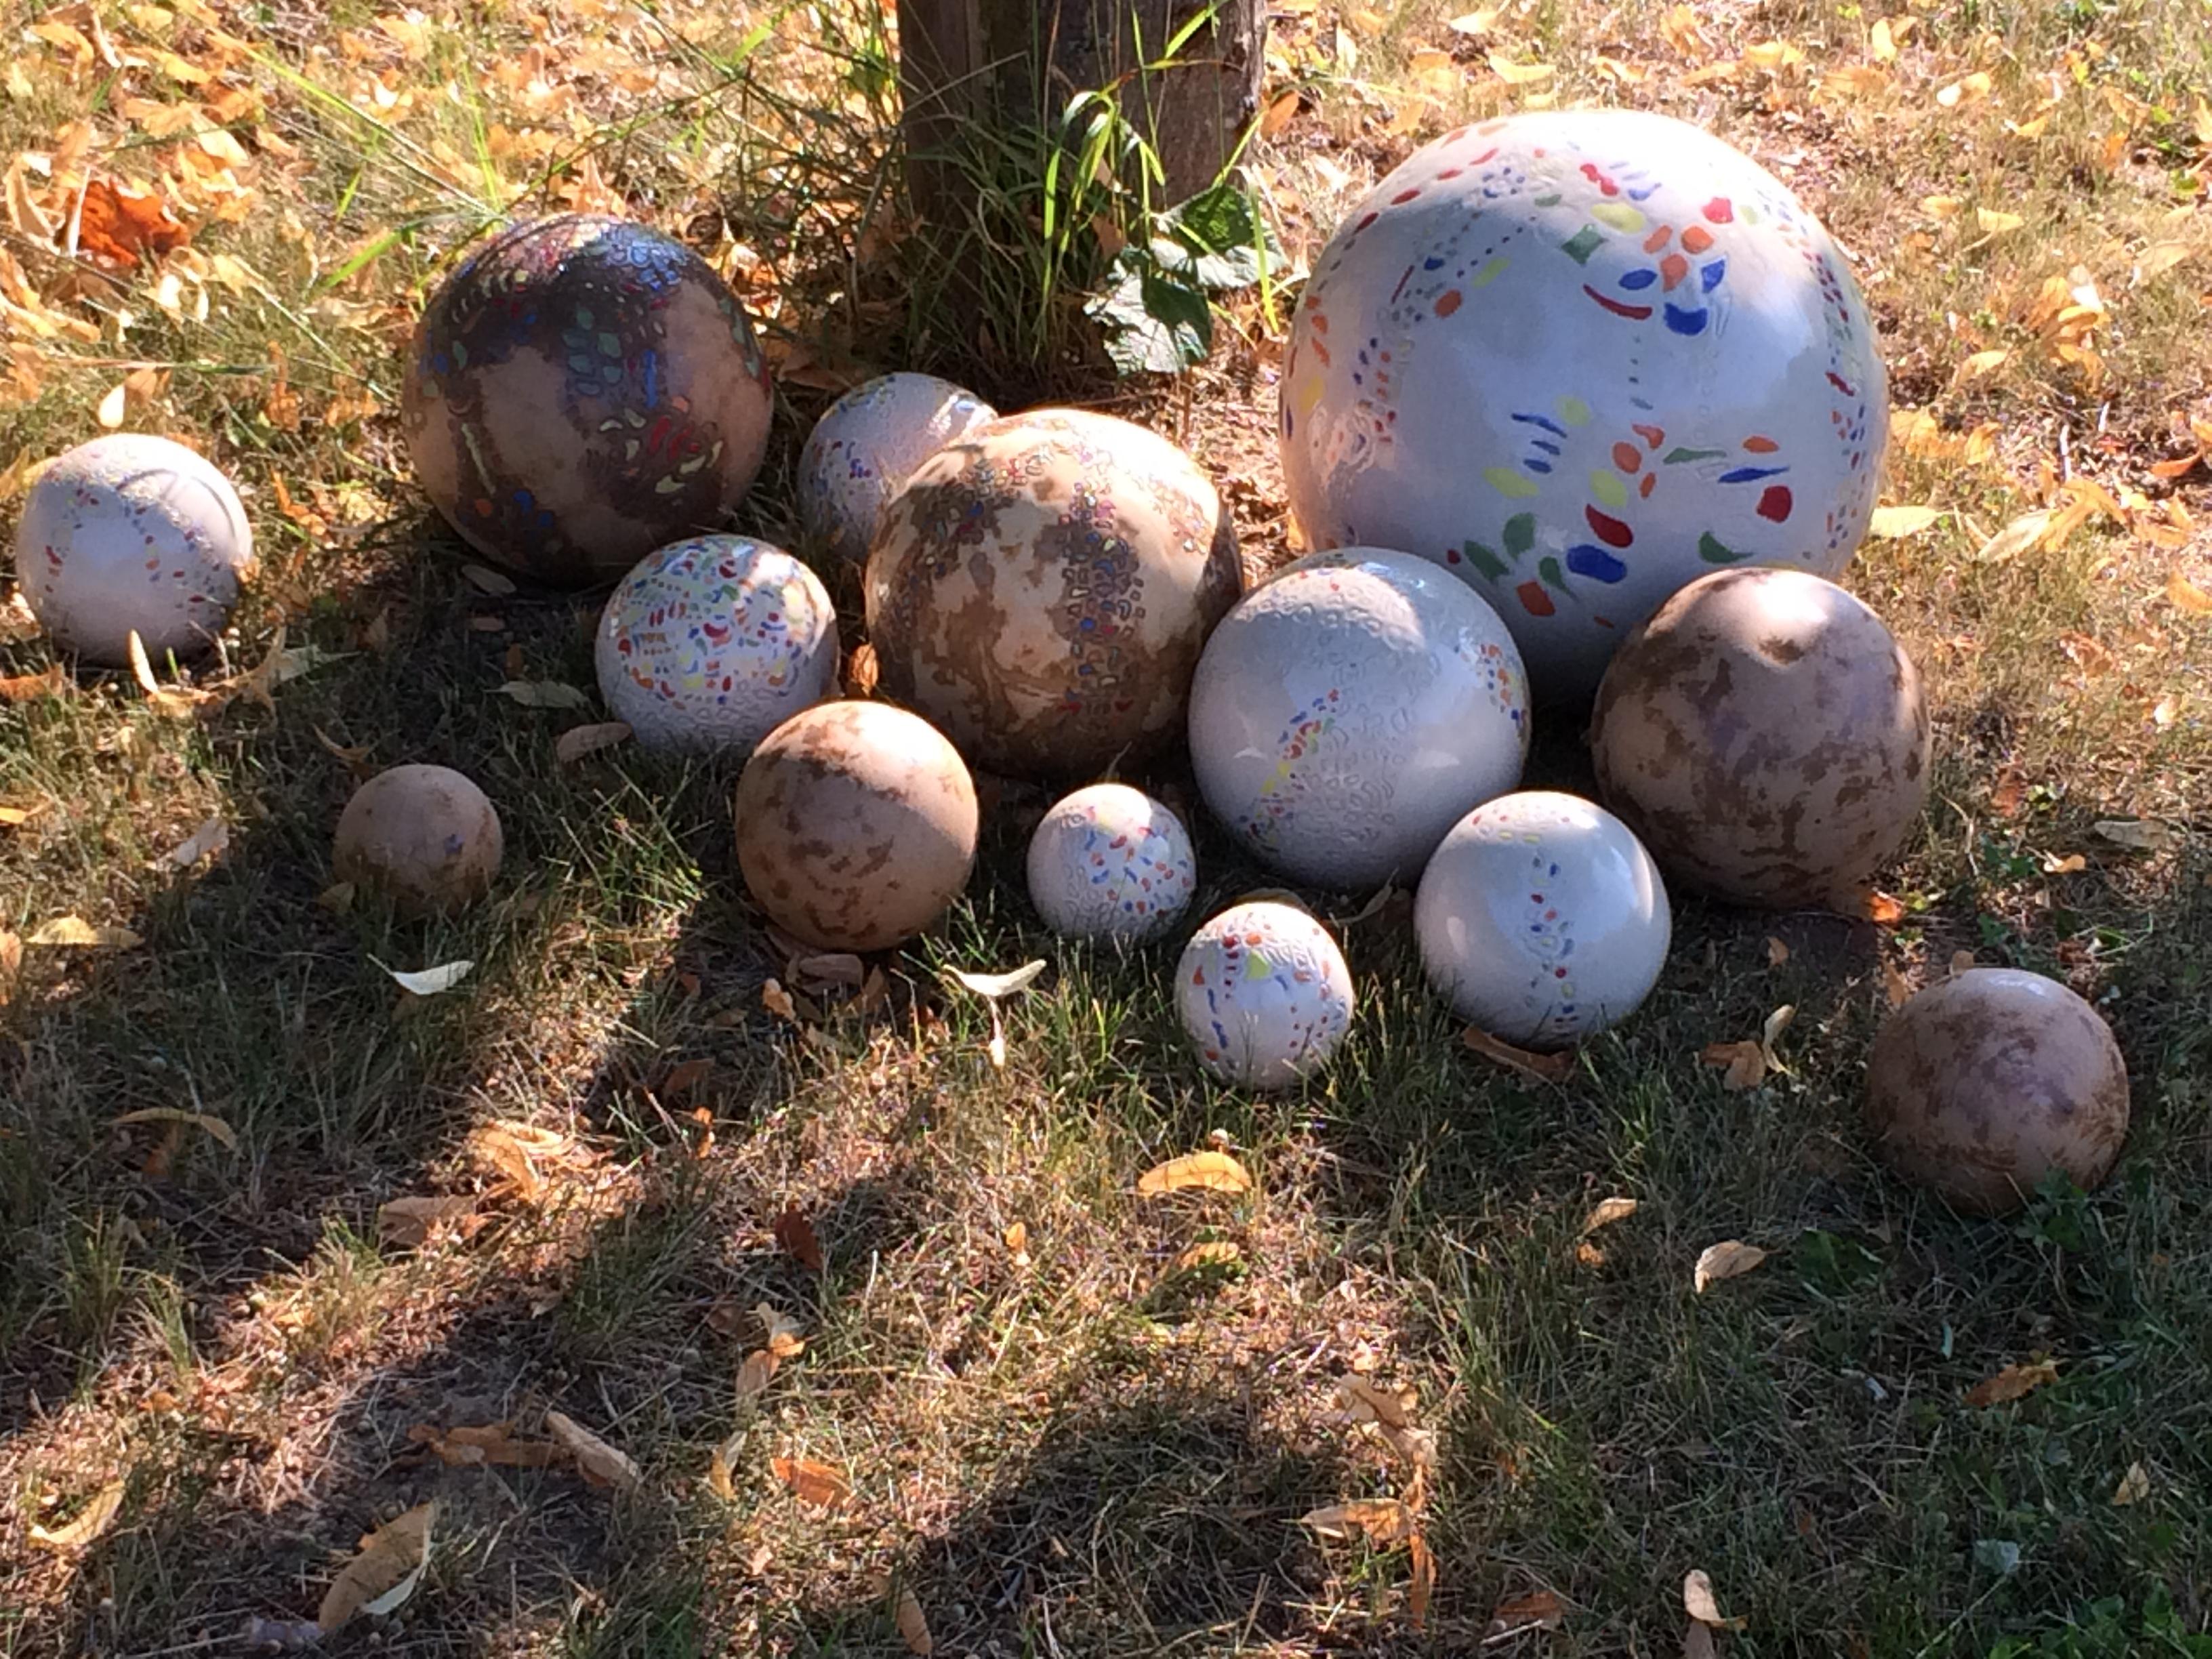 Sphères dans un jardin